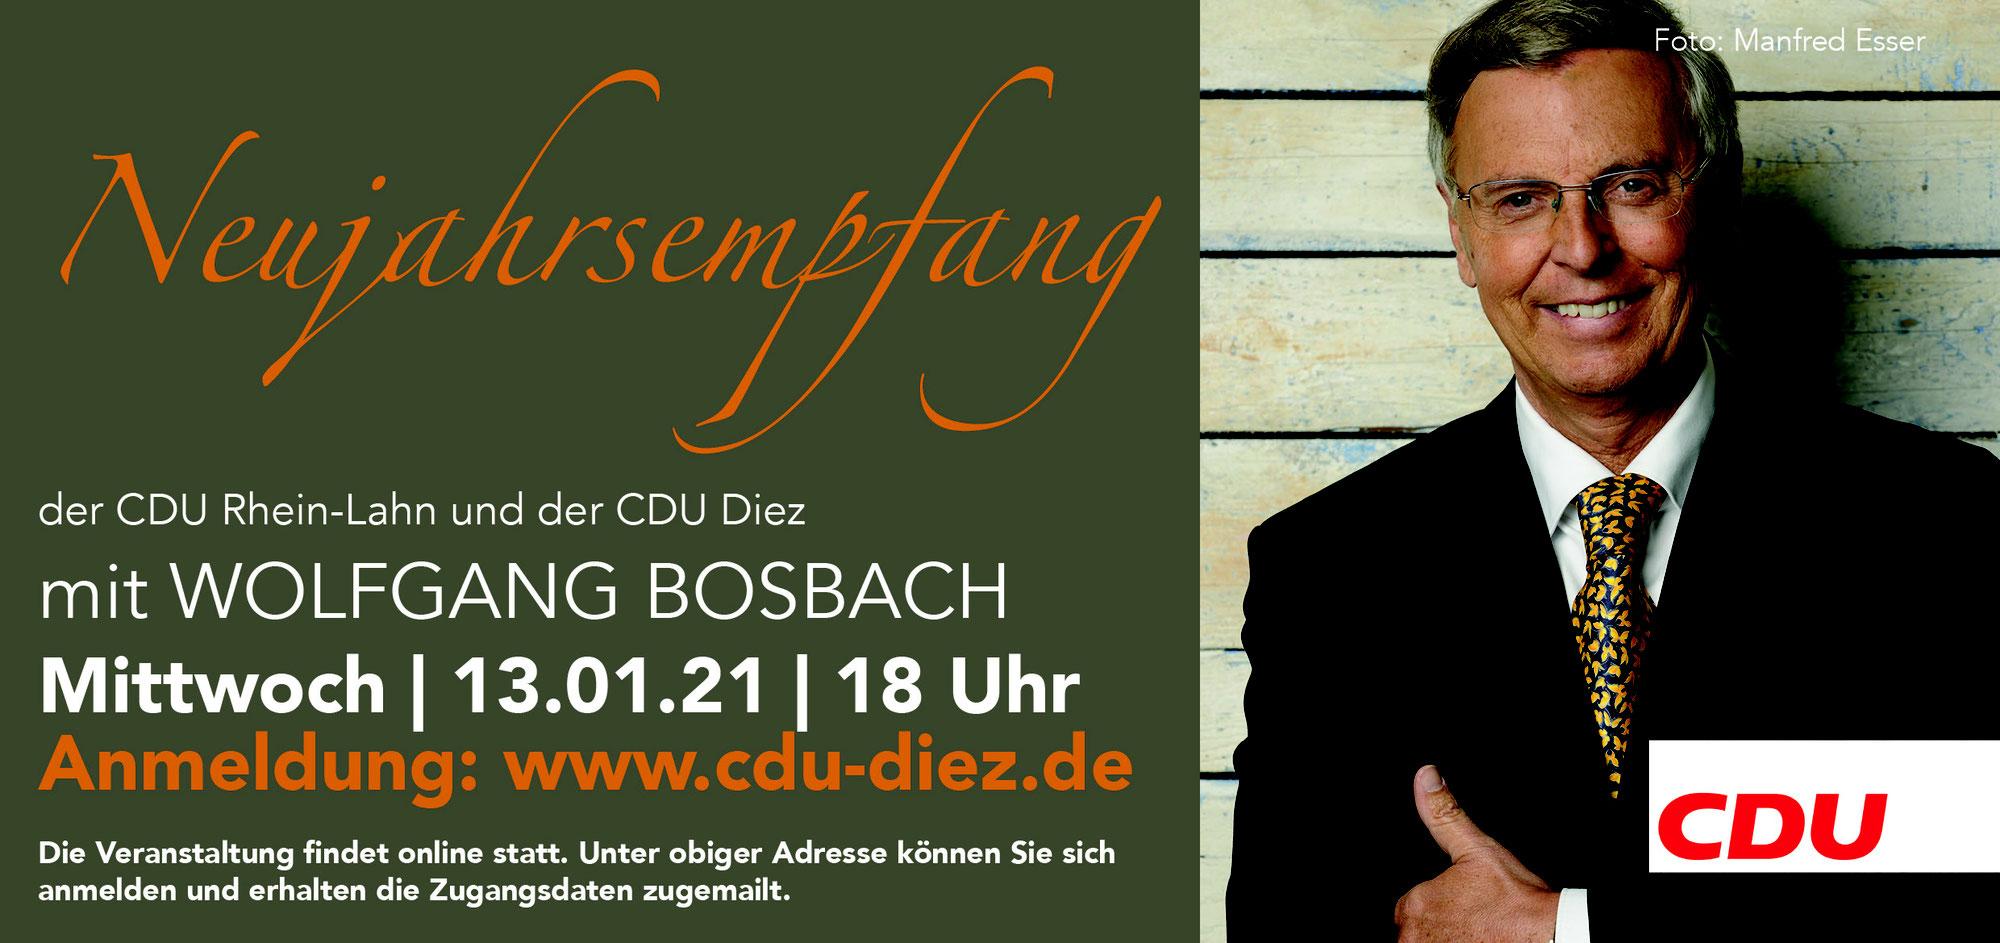 Technische Kapazitäten aufgestockt - Jetzt noch anmelden: Wolfgang Bosbach beim 23. Traditionellen Neujahrsempfang